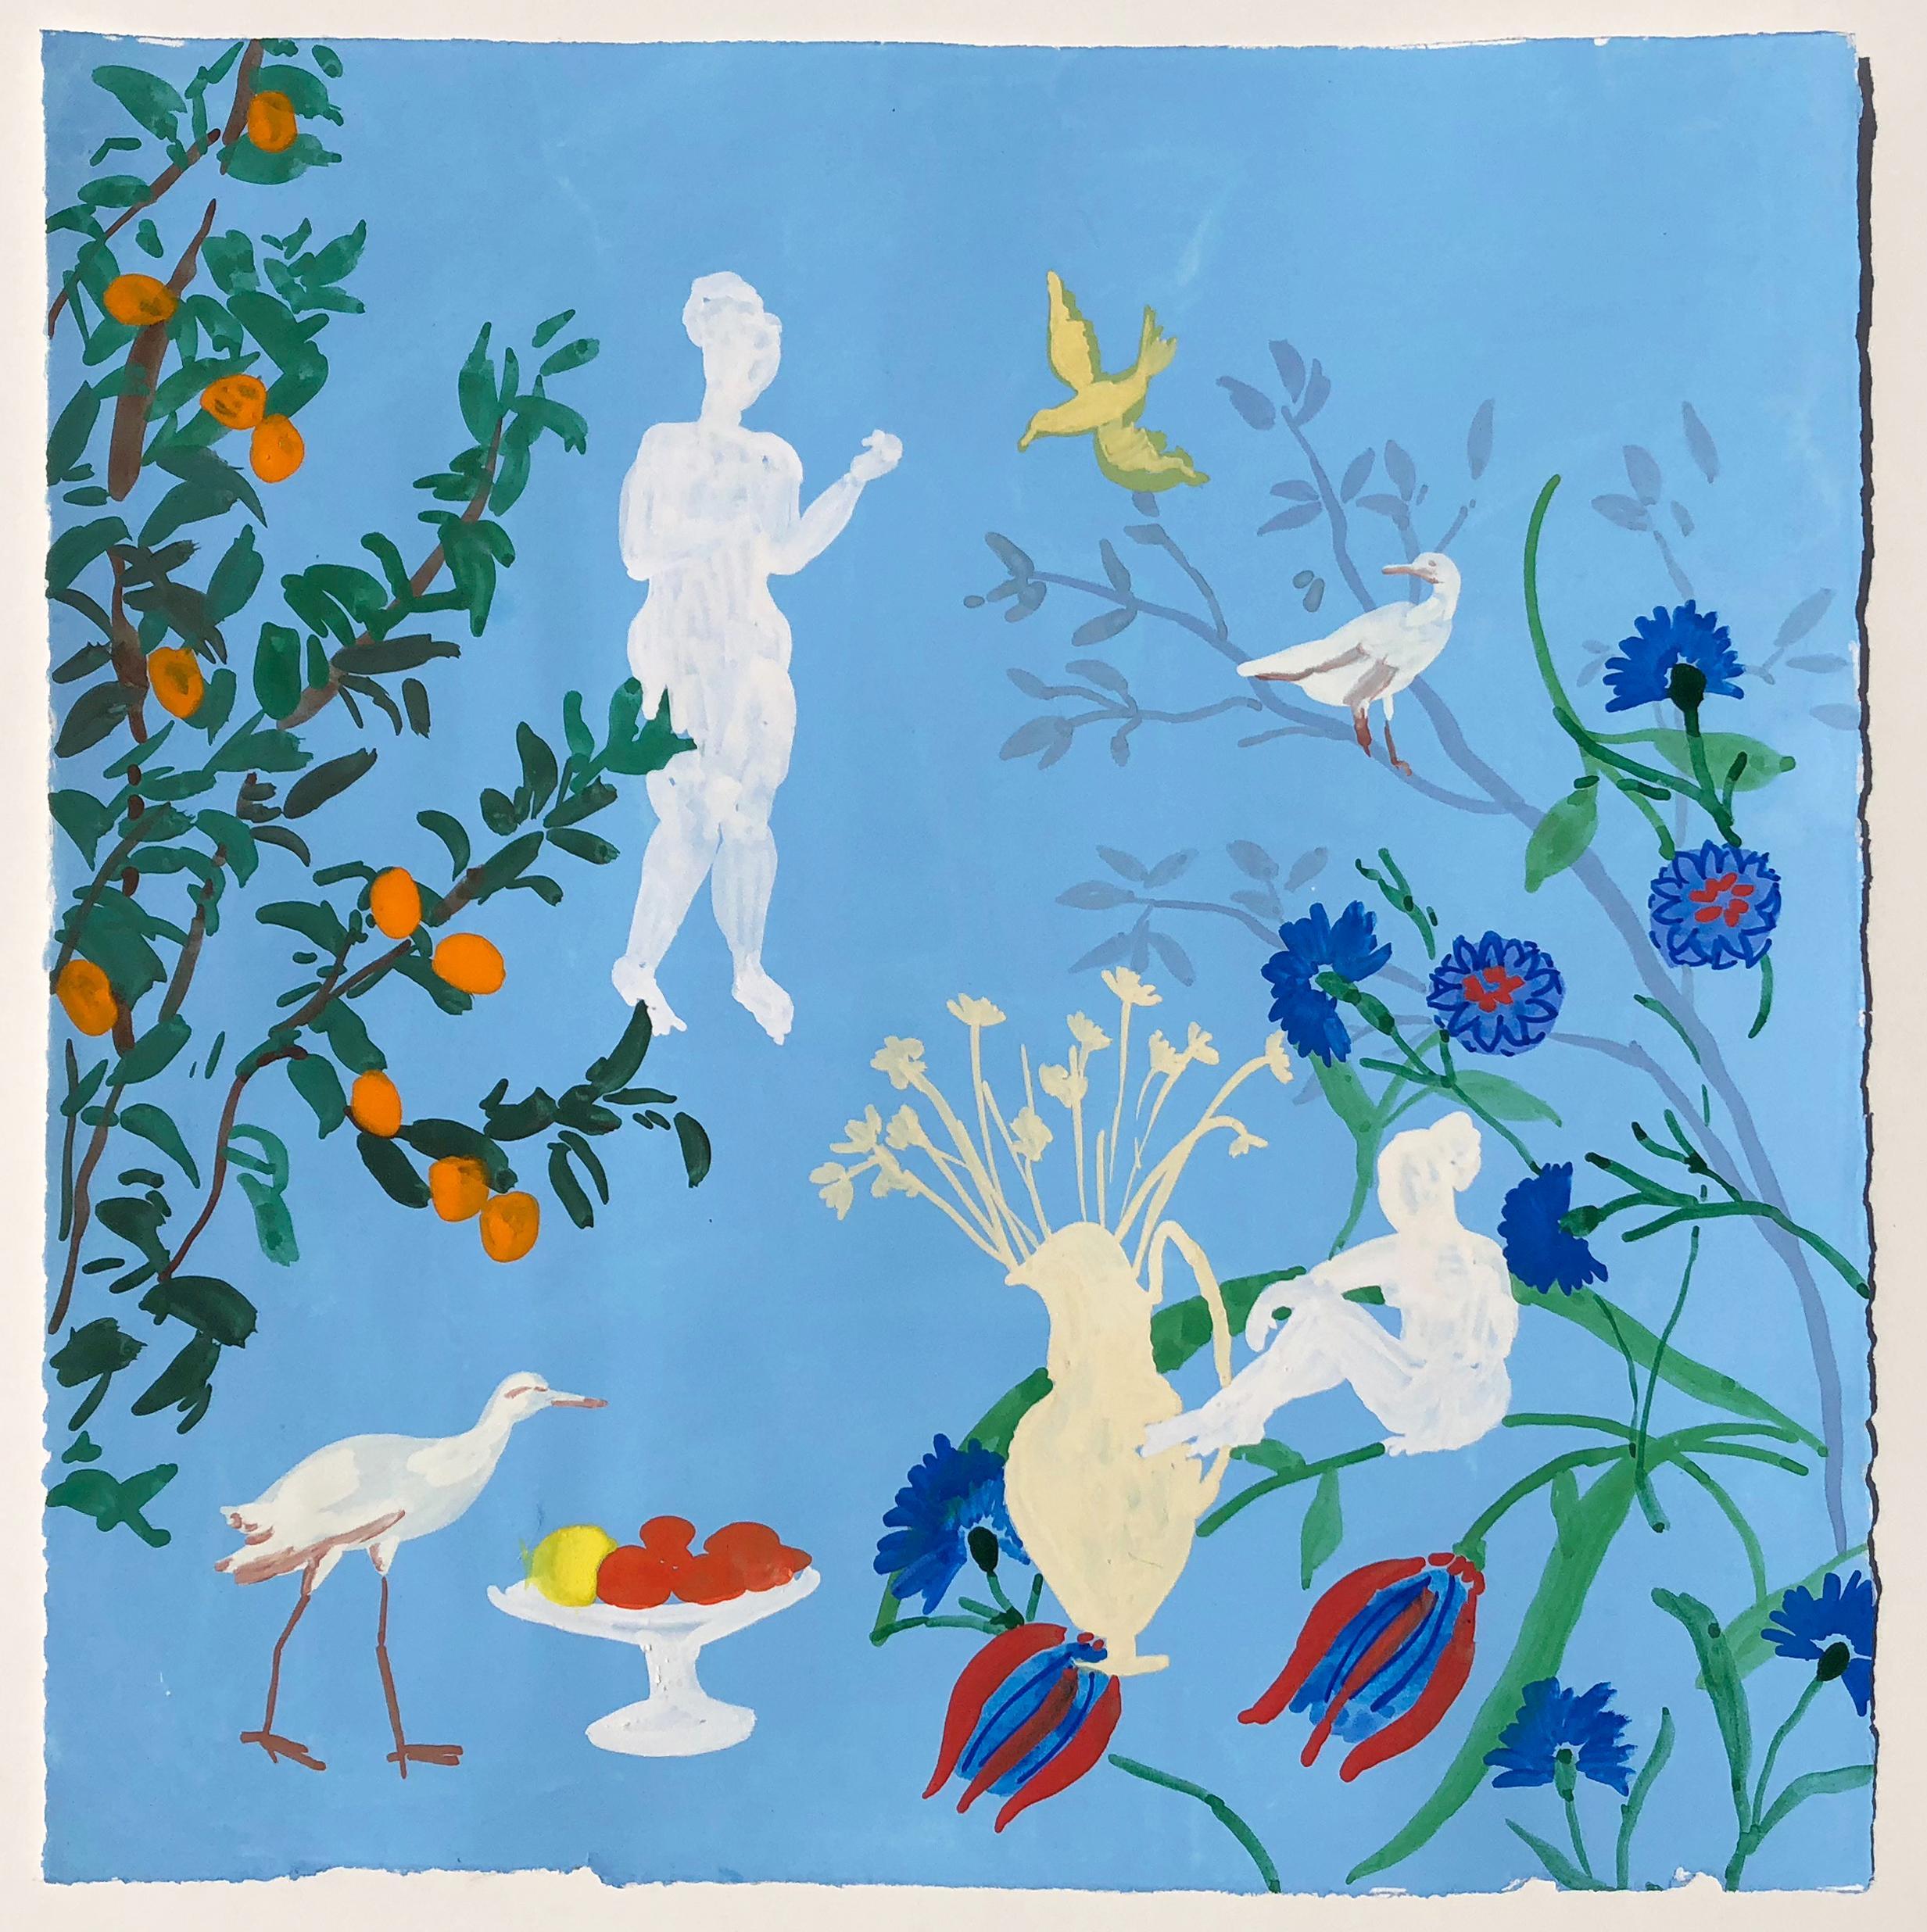 Garden Vase, vibrant gouache on paper genre scene